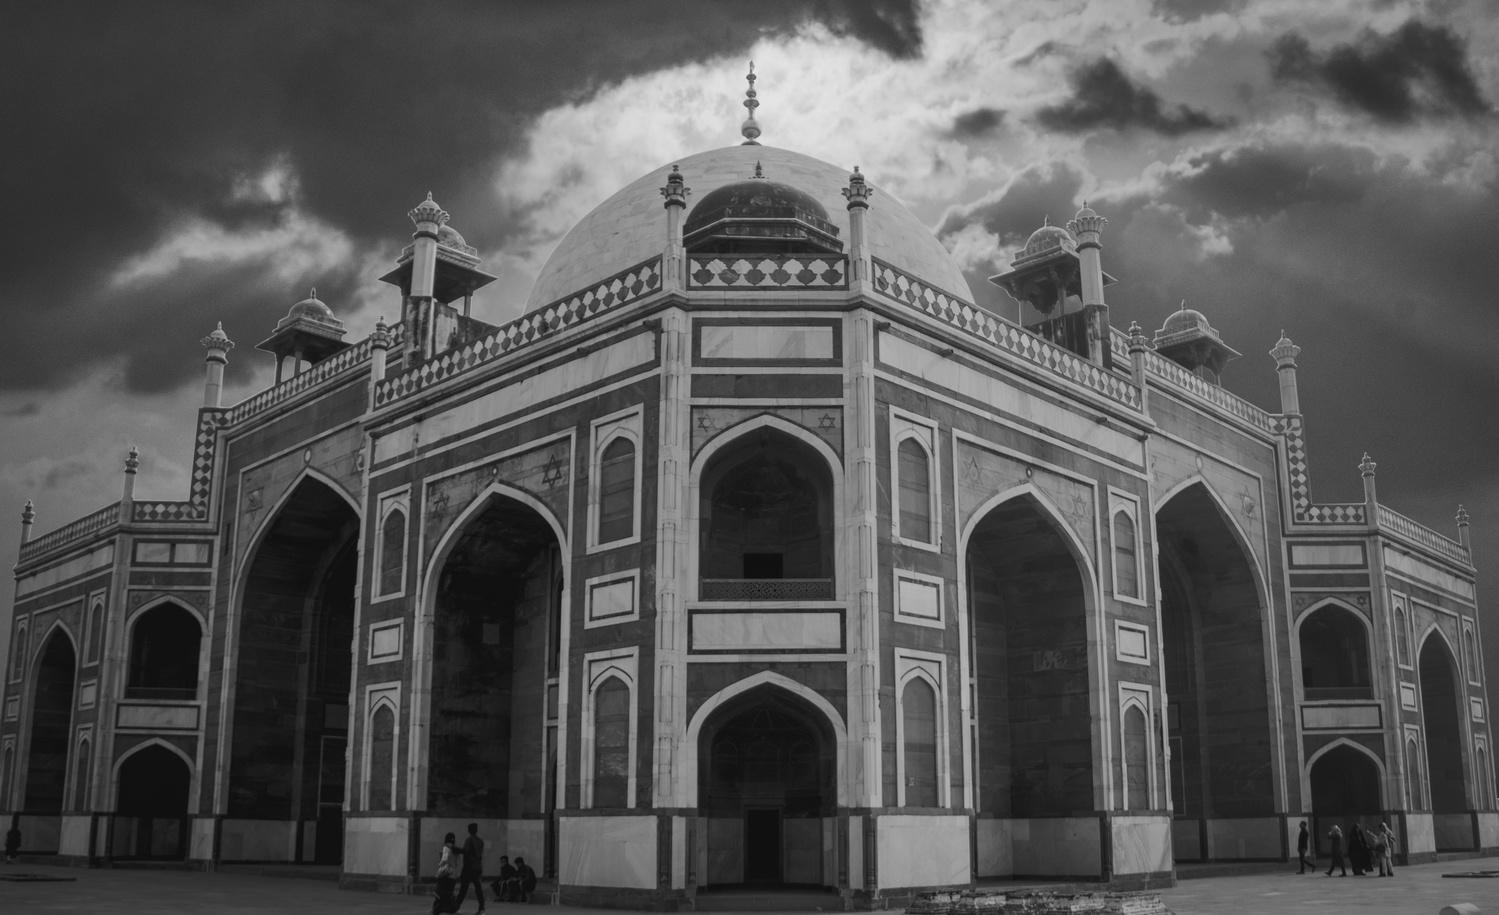 Symmetry by Chaitnya Shrivastava